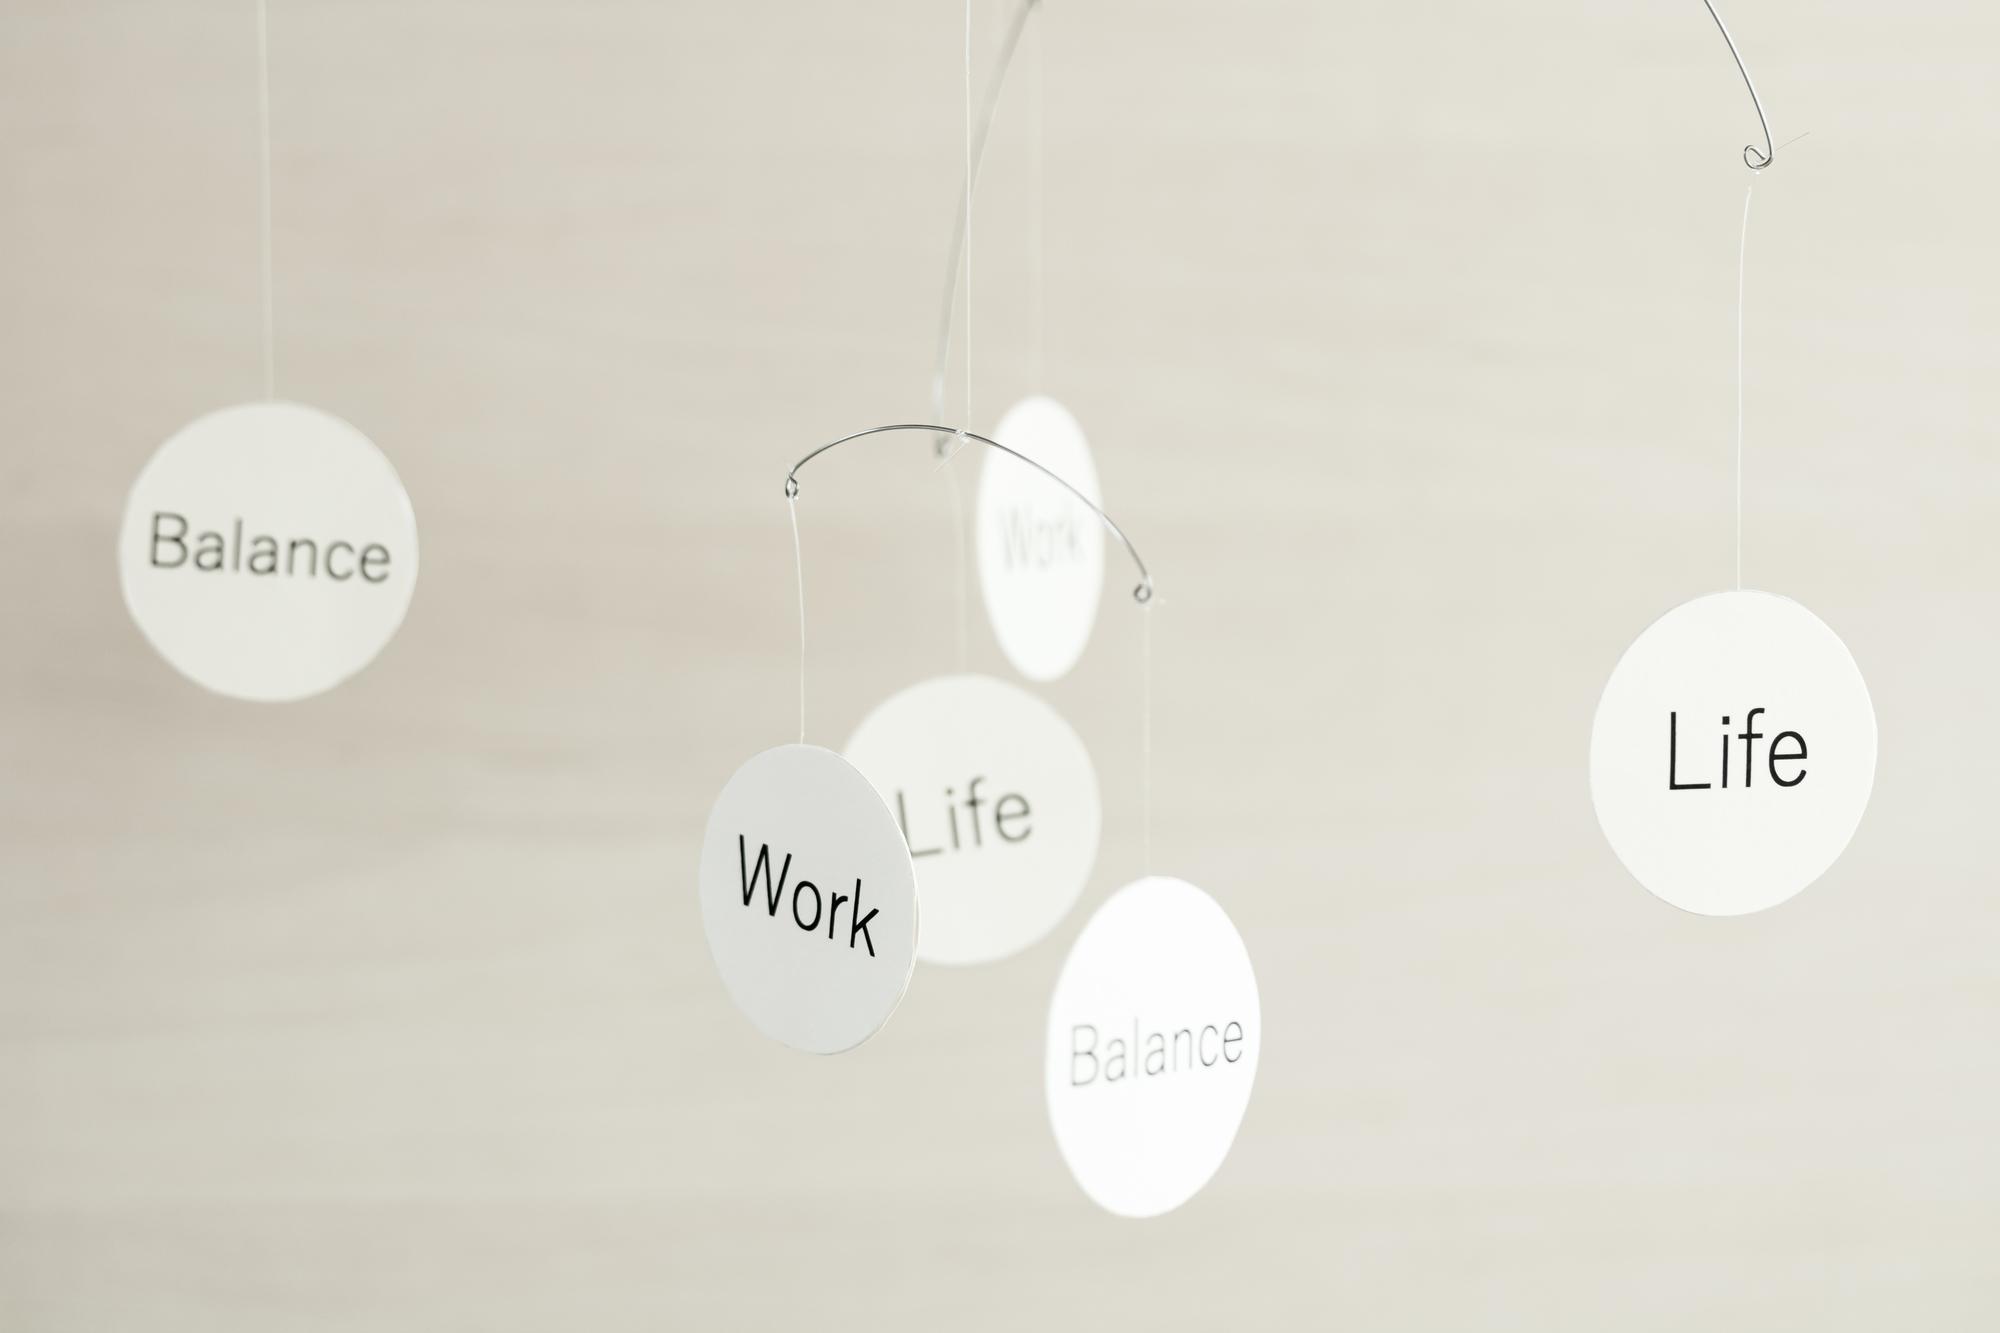 テレワークが当たり前になる未来。私たちの働き方は今後どう変わっていく?|TIME SHARING|タイムシェアリング |スペースマネジメント|あどばる|adval|SHARING